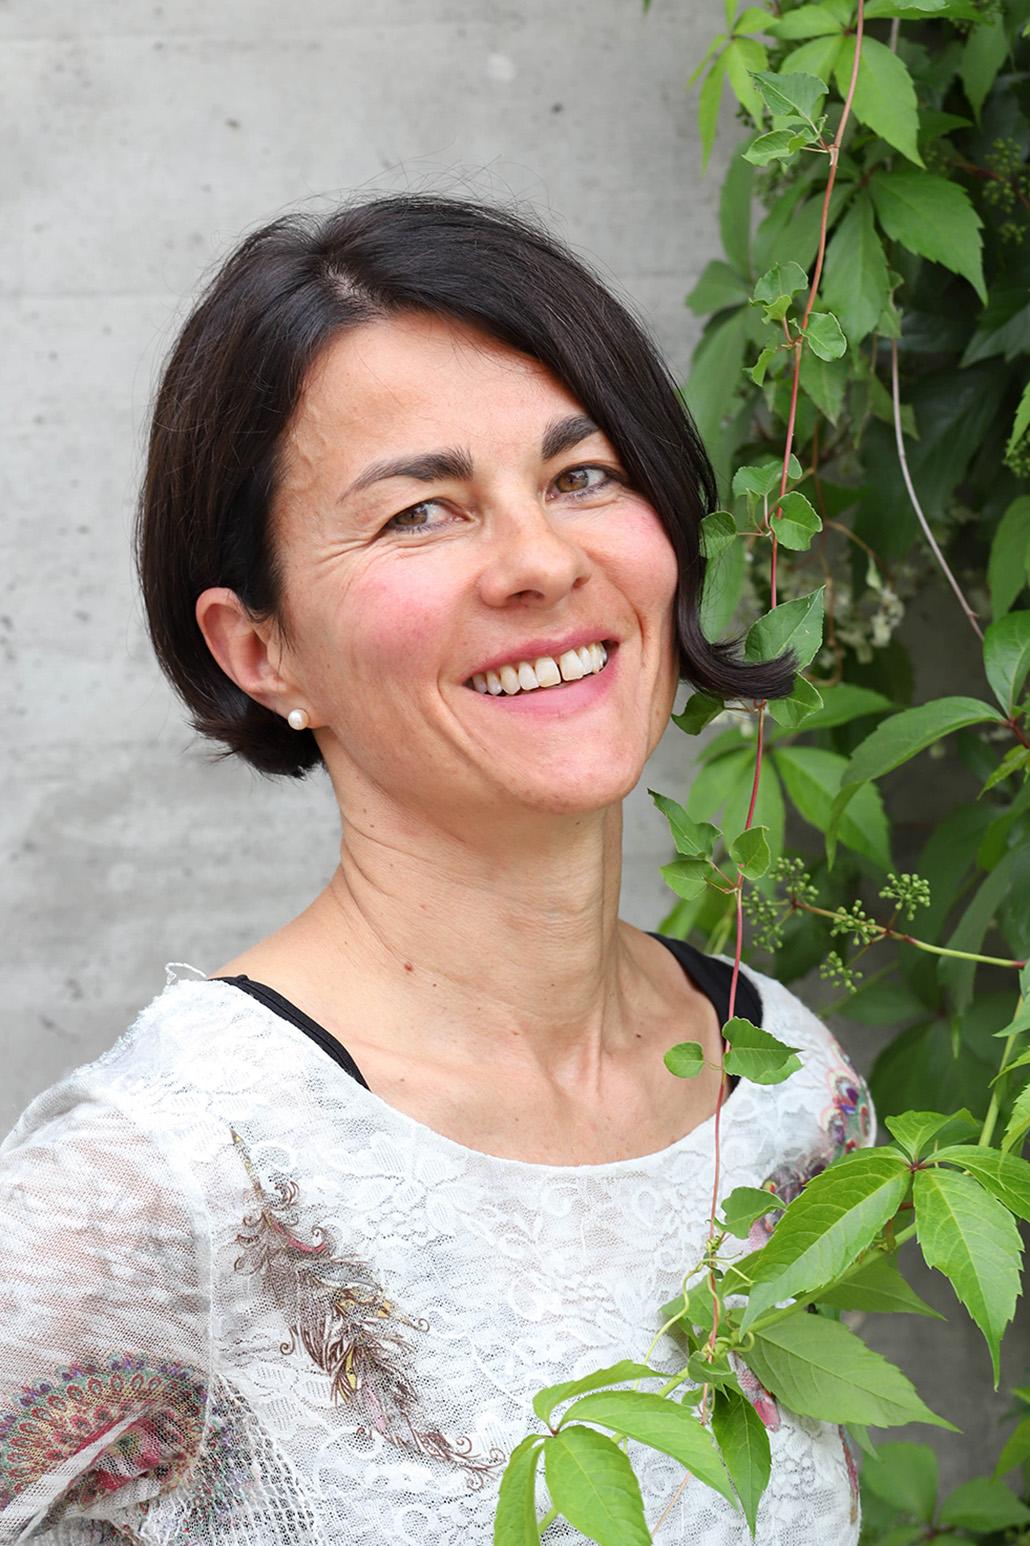 Annemarie Oertle